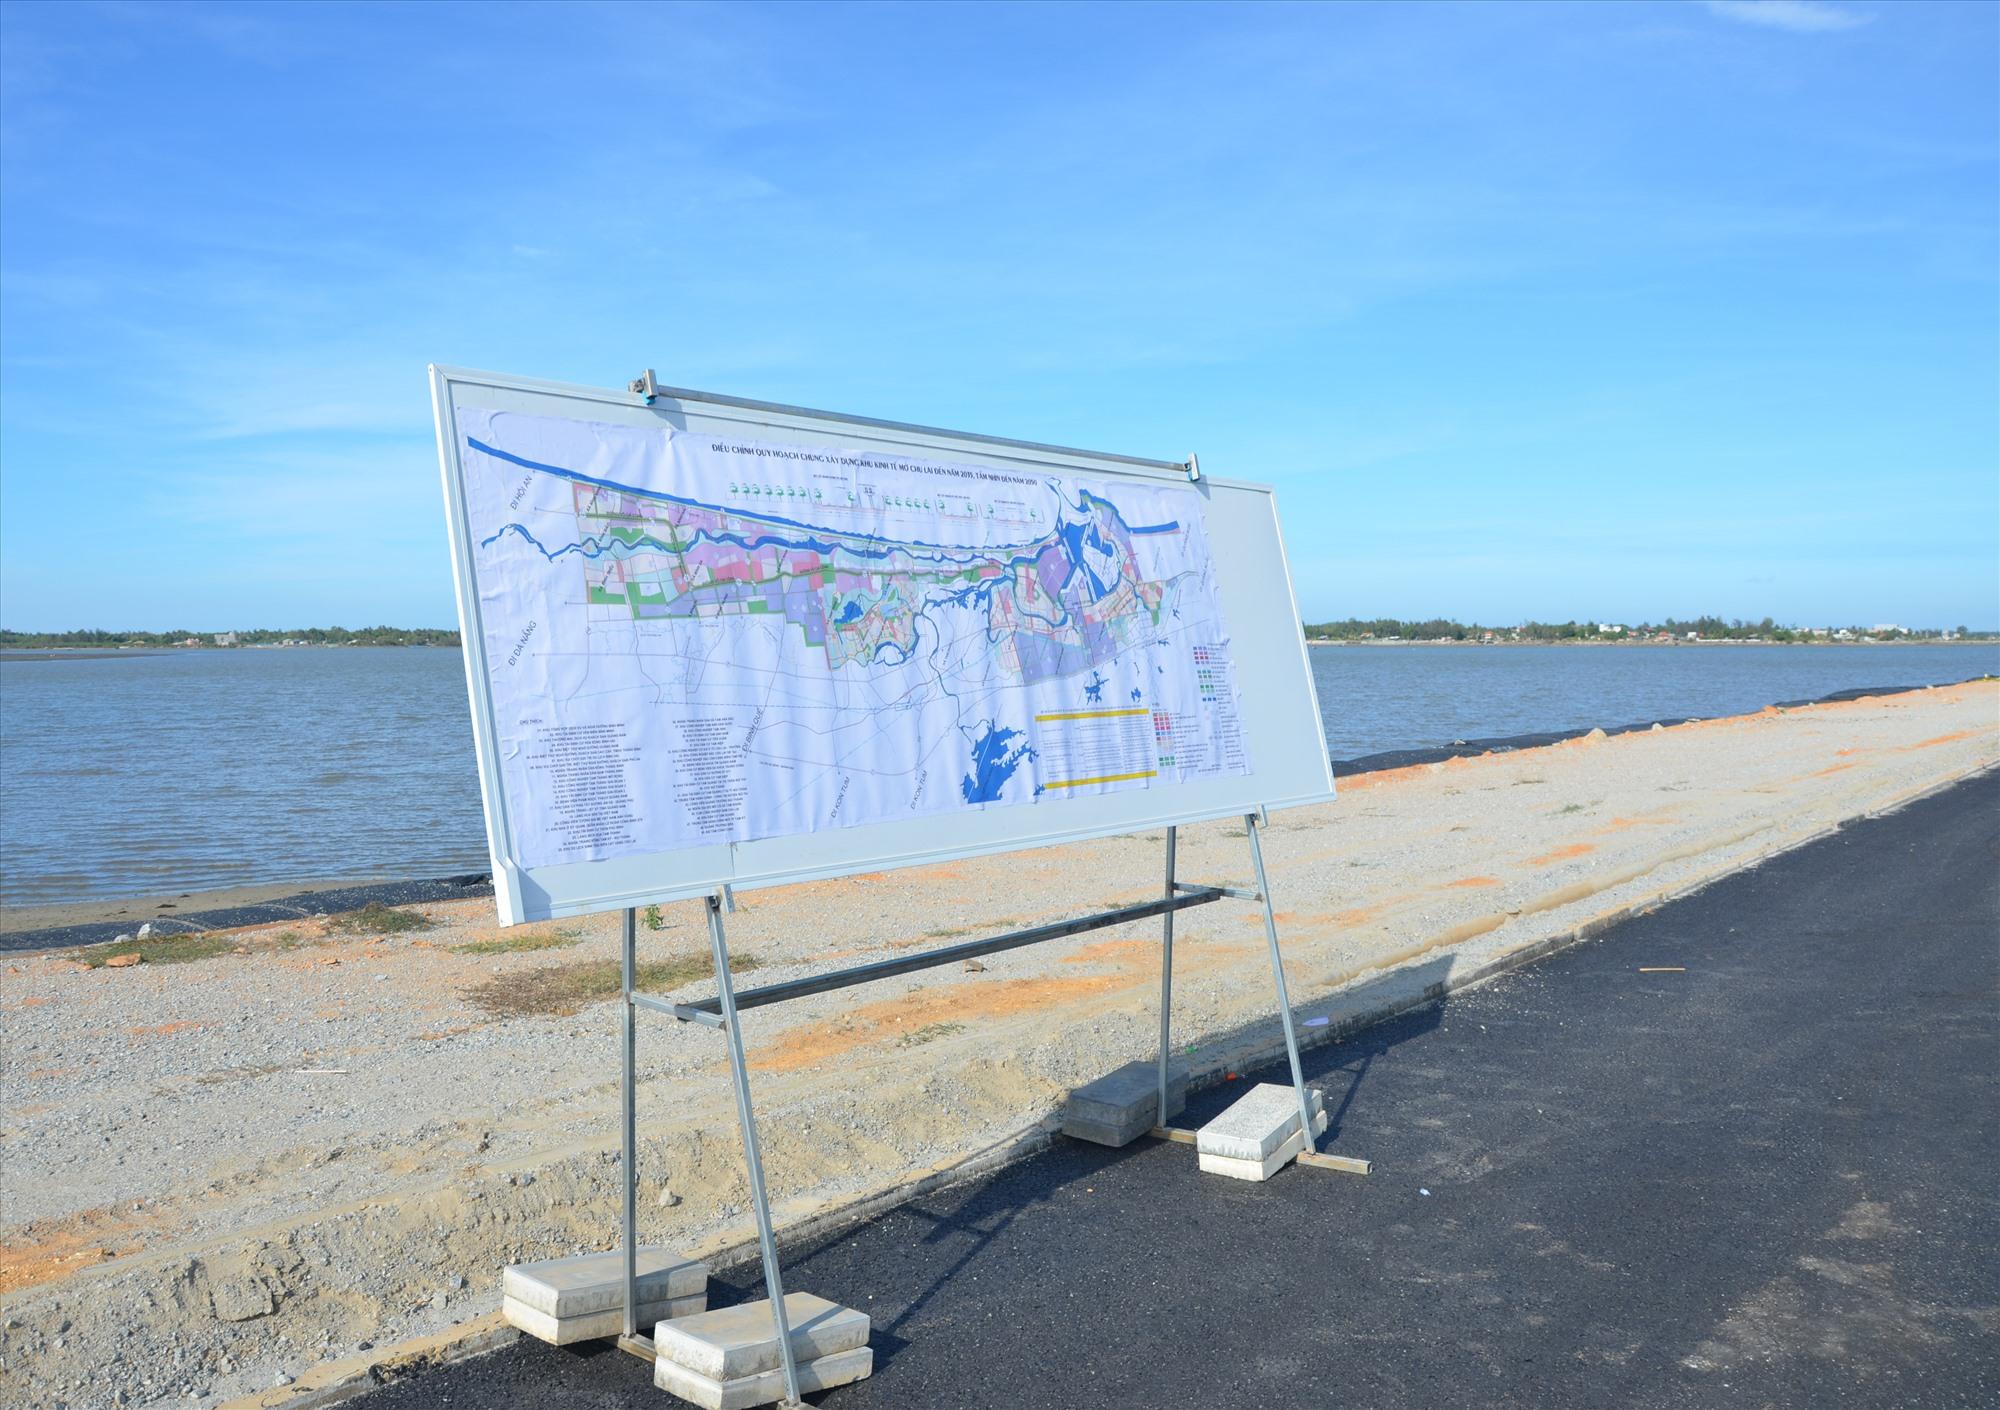 Dự án đường ven biển Võ Chí Công giai đoạn 2 gặp ách tắc từ giải phóng mặt bằng ở vịnh An Hòa qua địa bàn huyện Núi Thành. ẢNh: H.P